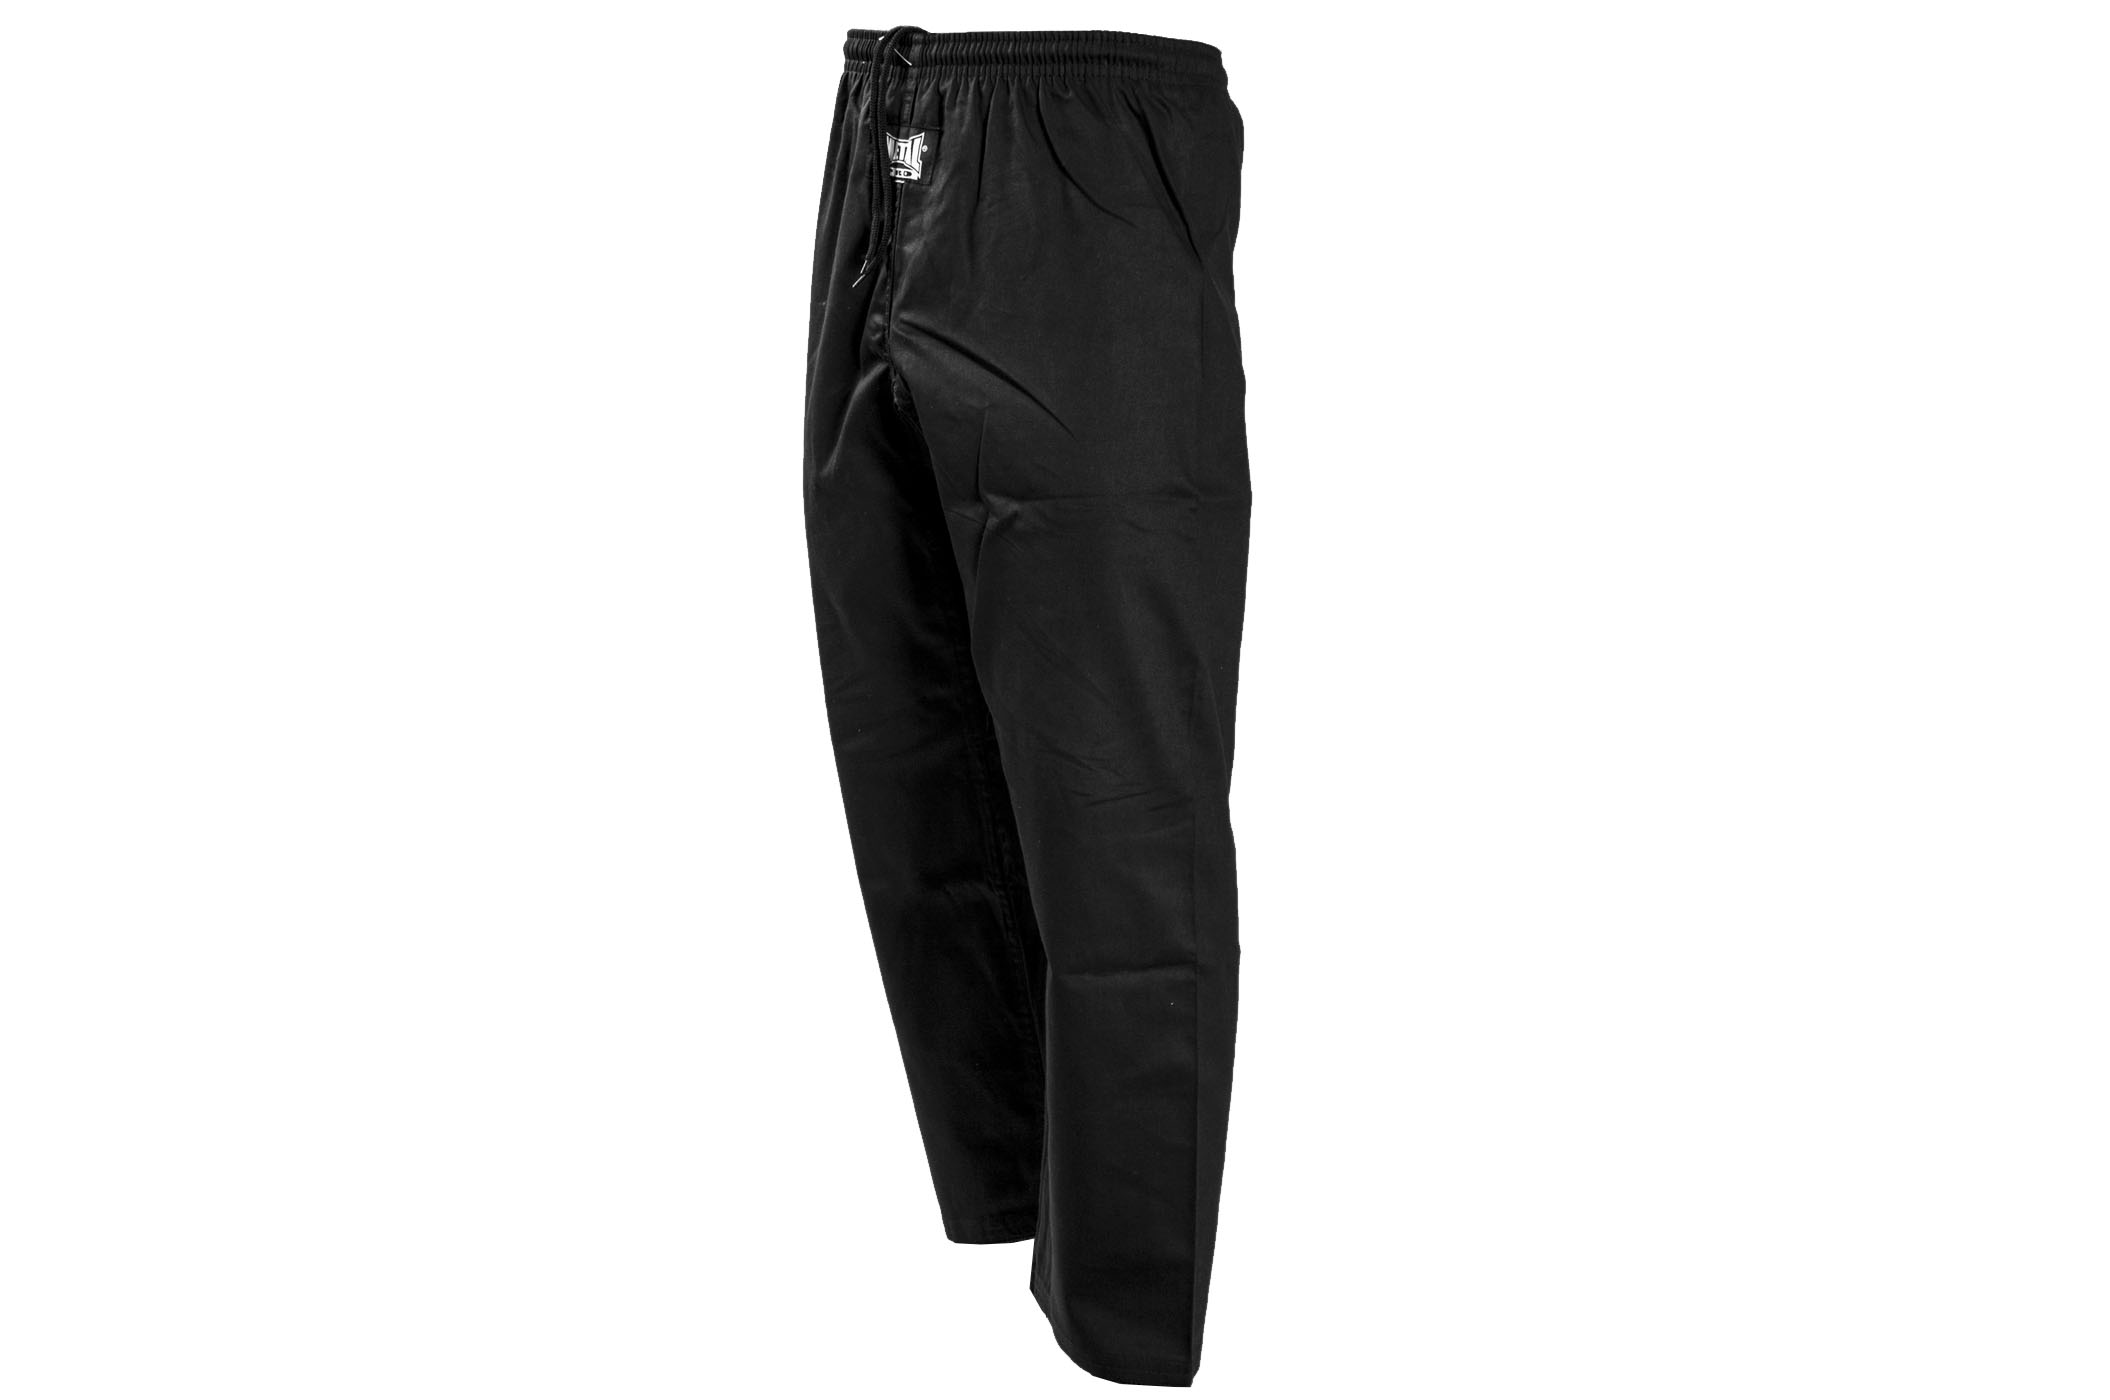 Pantalon Yok, Metal Boxe MBPANTYOK